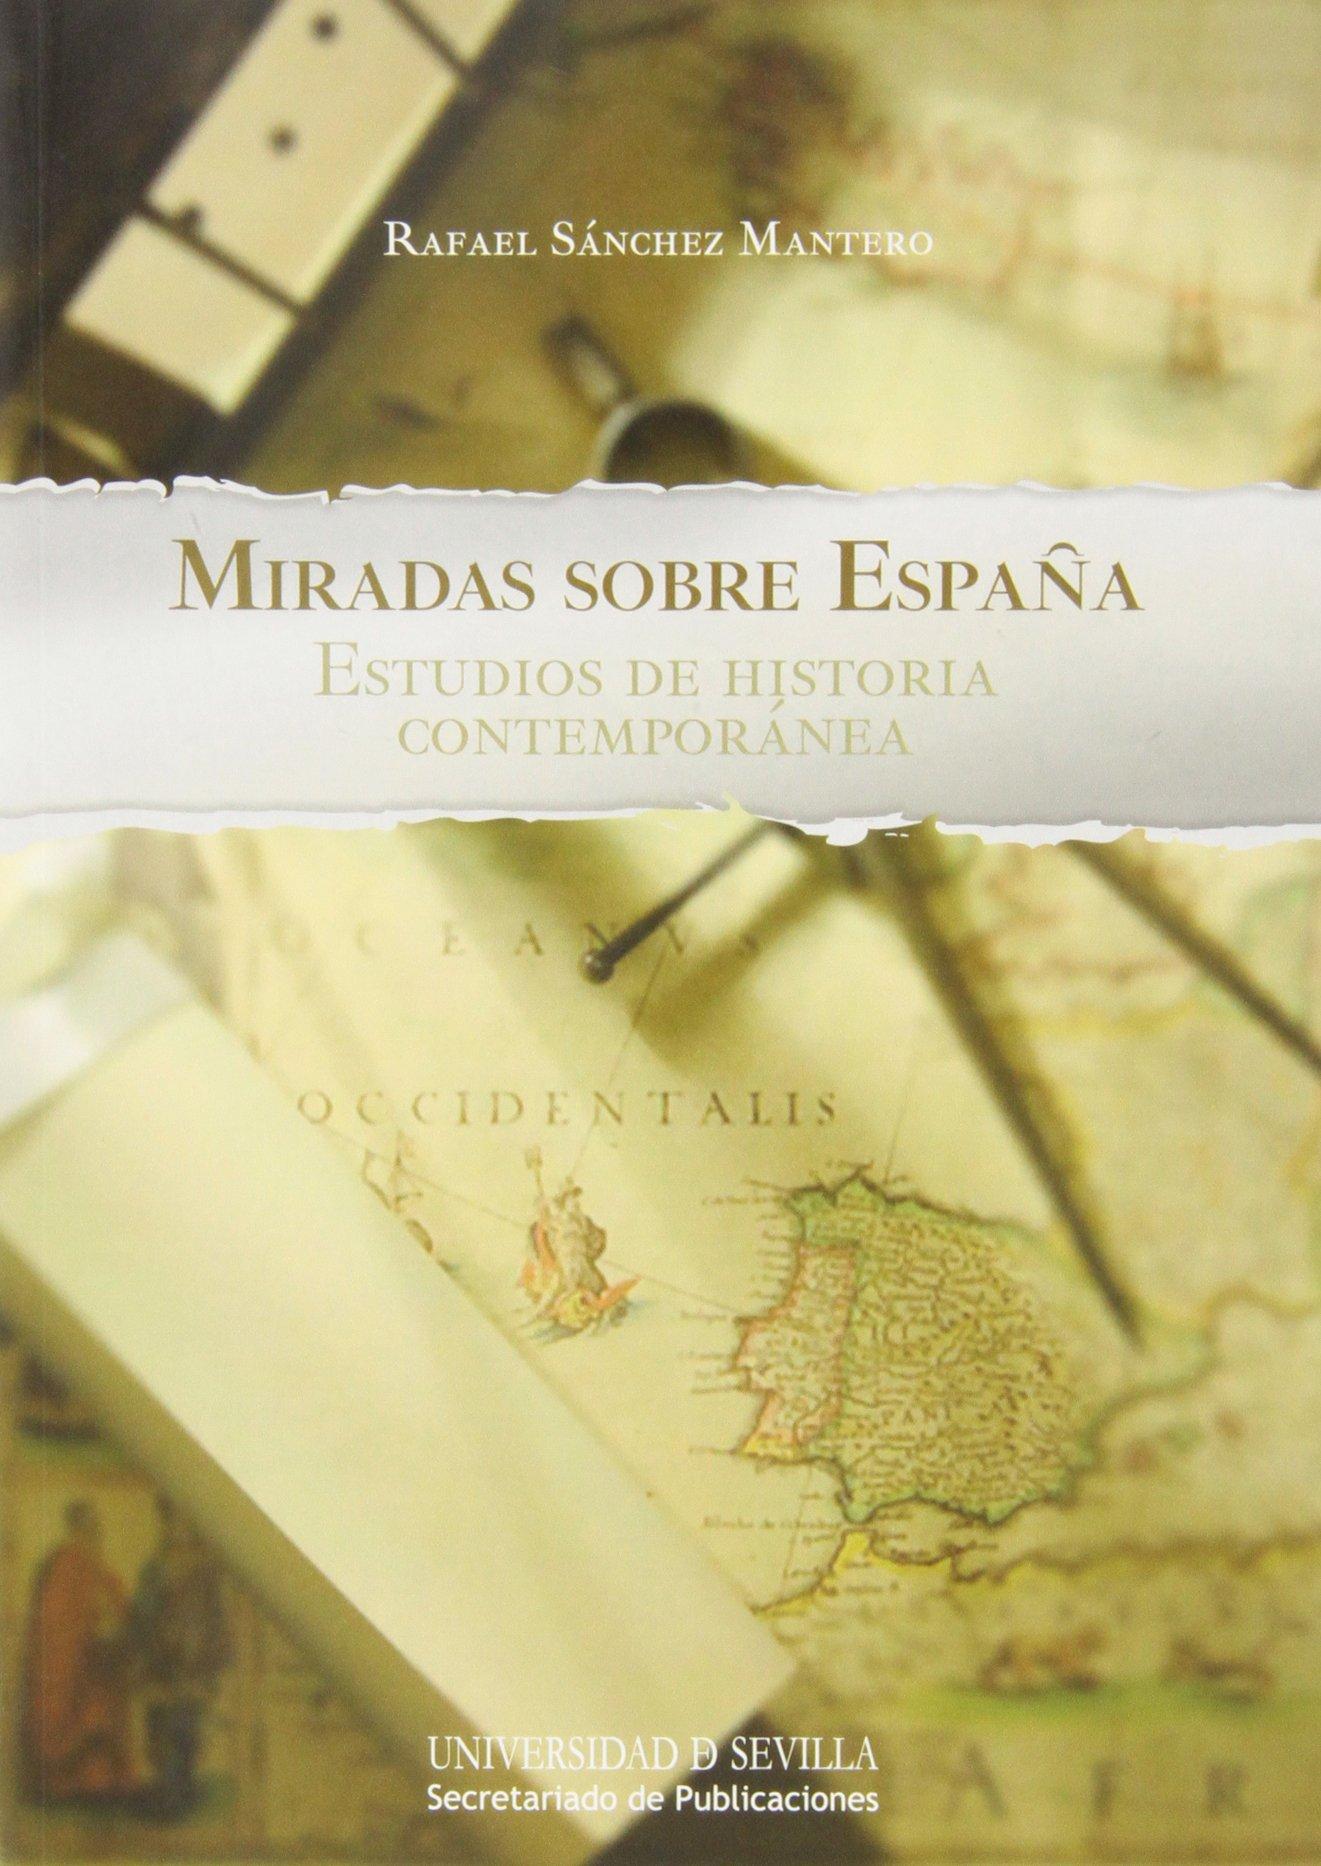 Miradas sobre España. Estudios de historia contemporánea: 253 Historia y Geografía: Amazon.es: Sánchez Mantero, Rafael: Libros